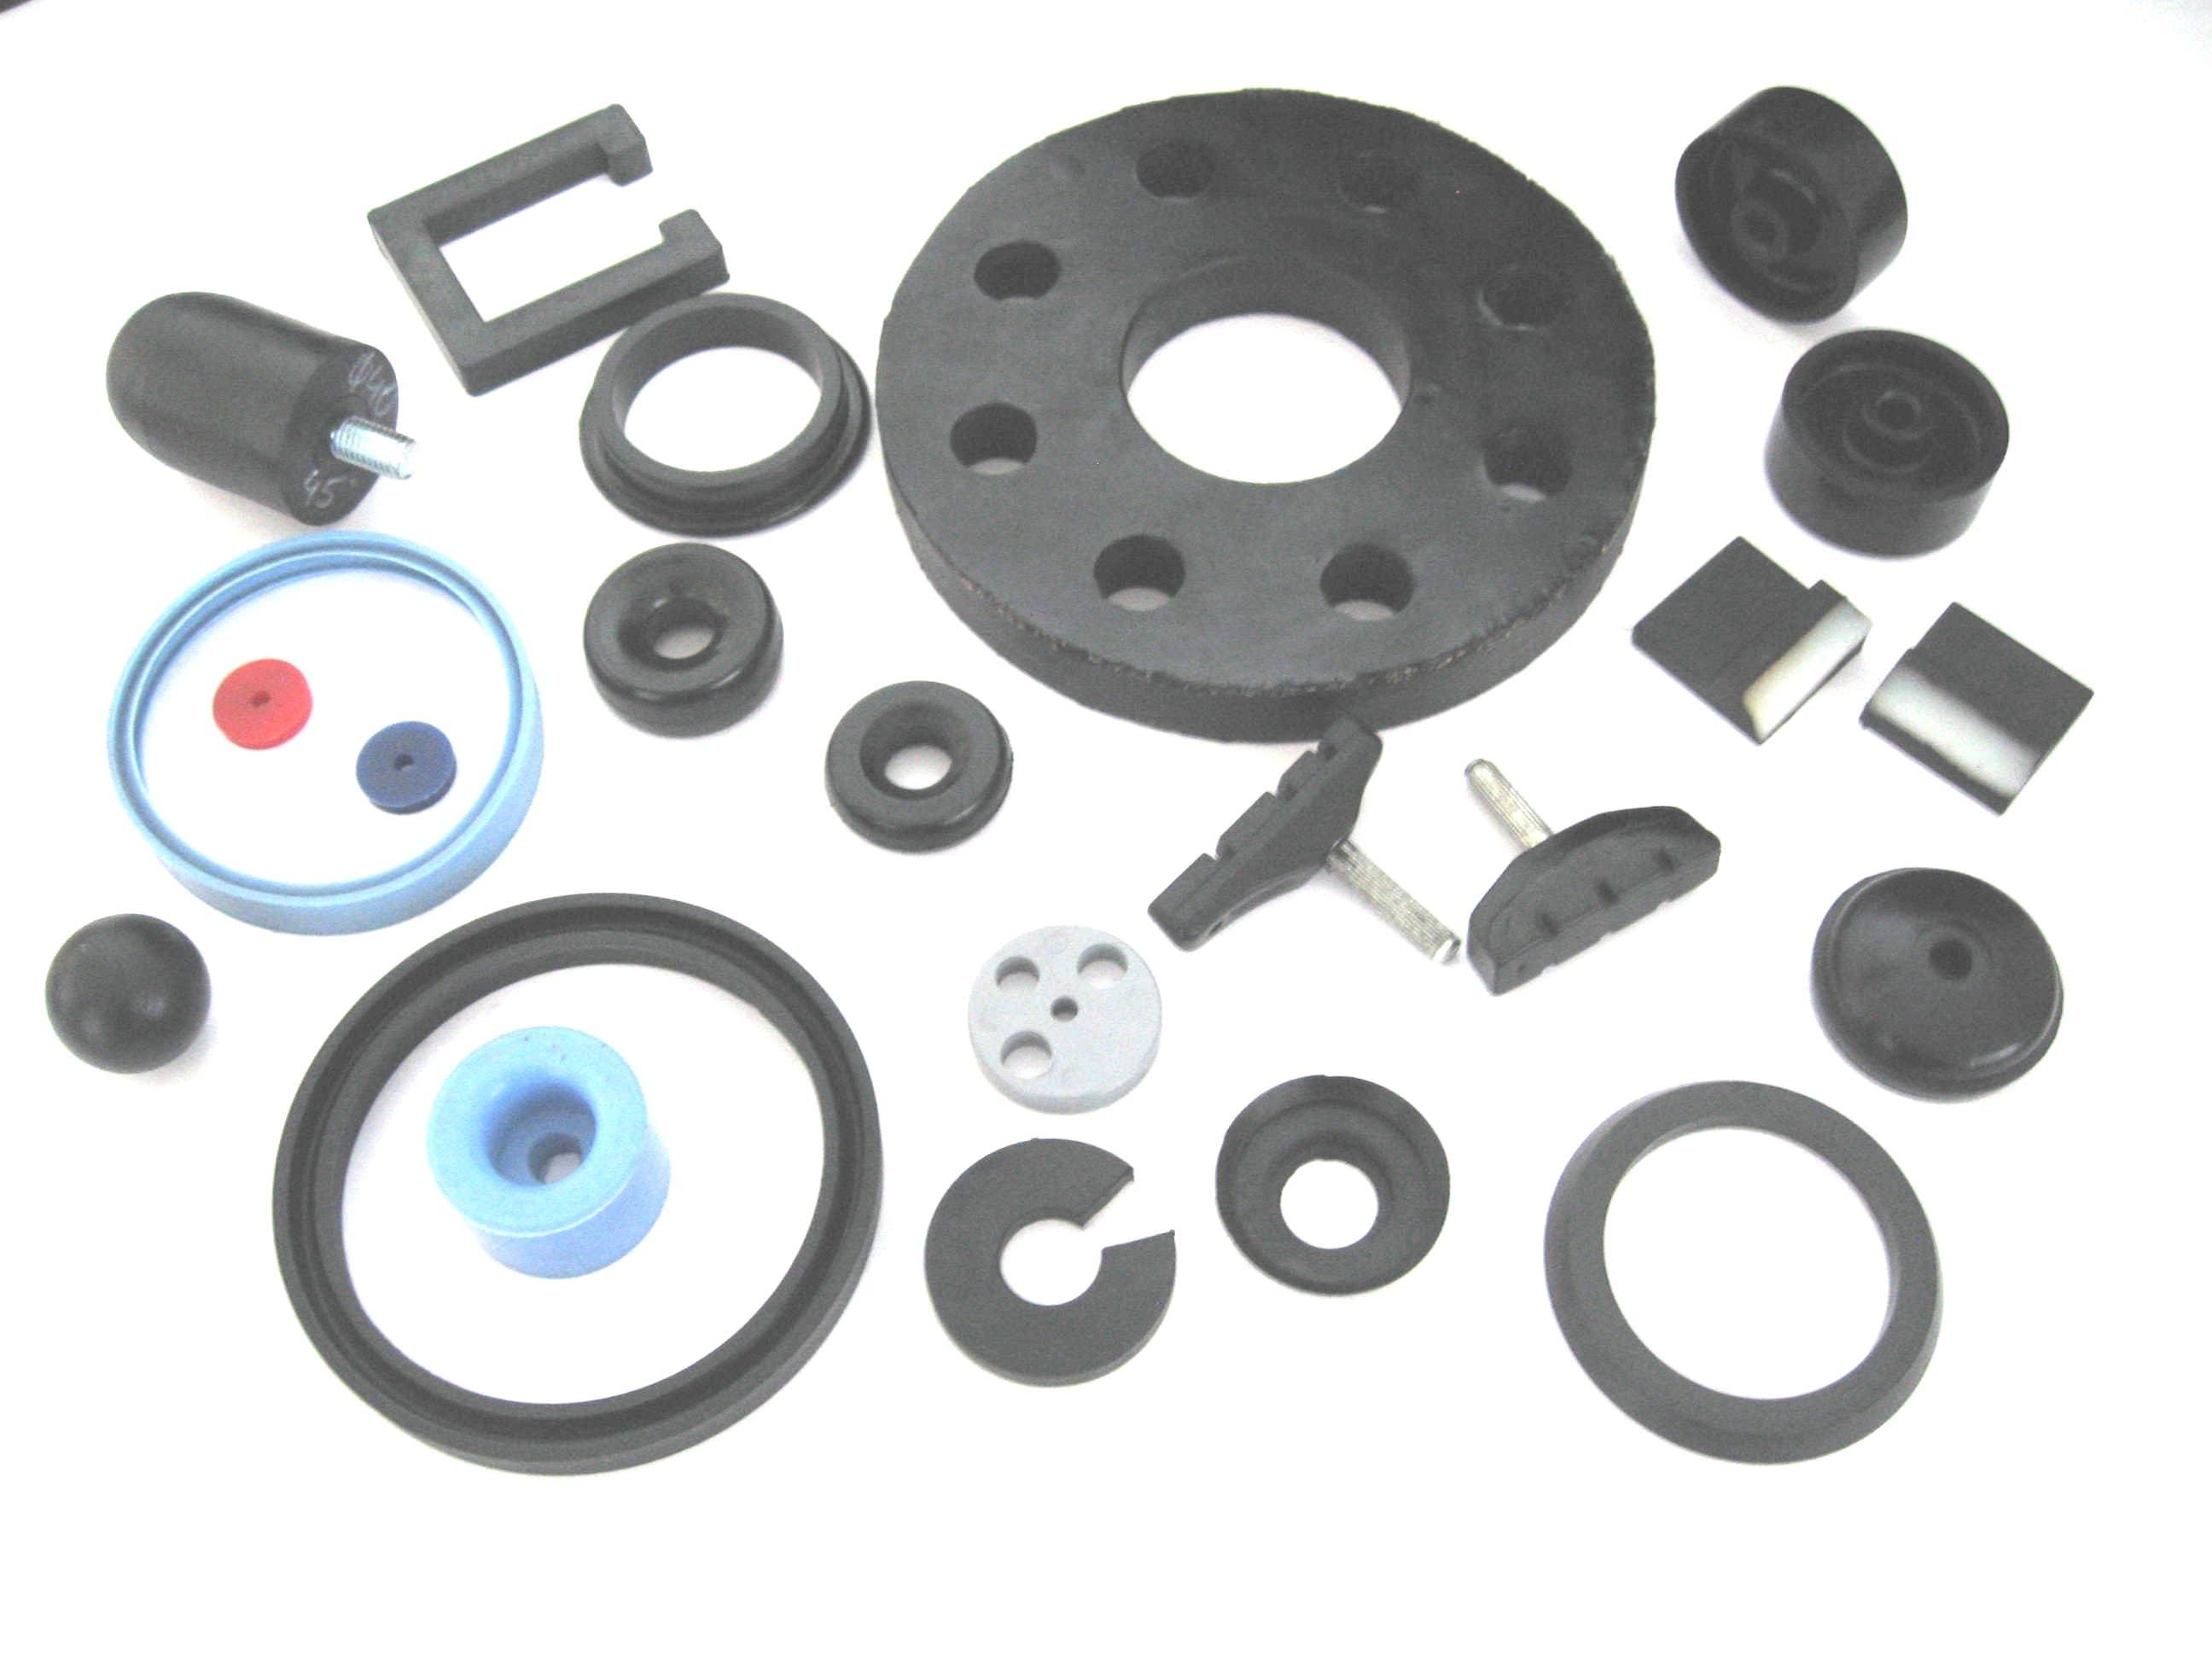 22. wkładki w tym: zbrojony gumowy wkład sprzęgła, wkładki - połączenie gumy z tworzywem, uszczelki silikonowe, kółka, różne odboje, nakładki na pedały,  klocki hamulcowe i inne